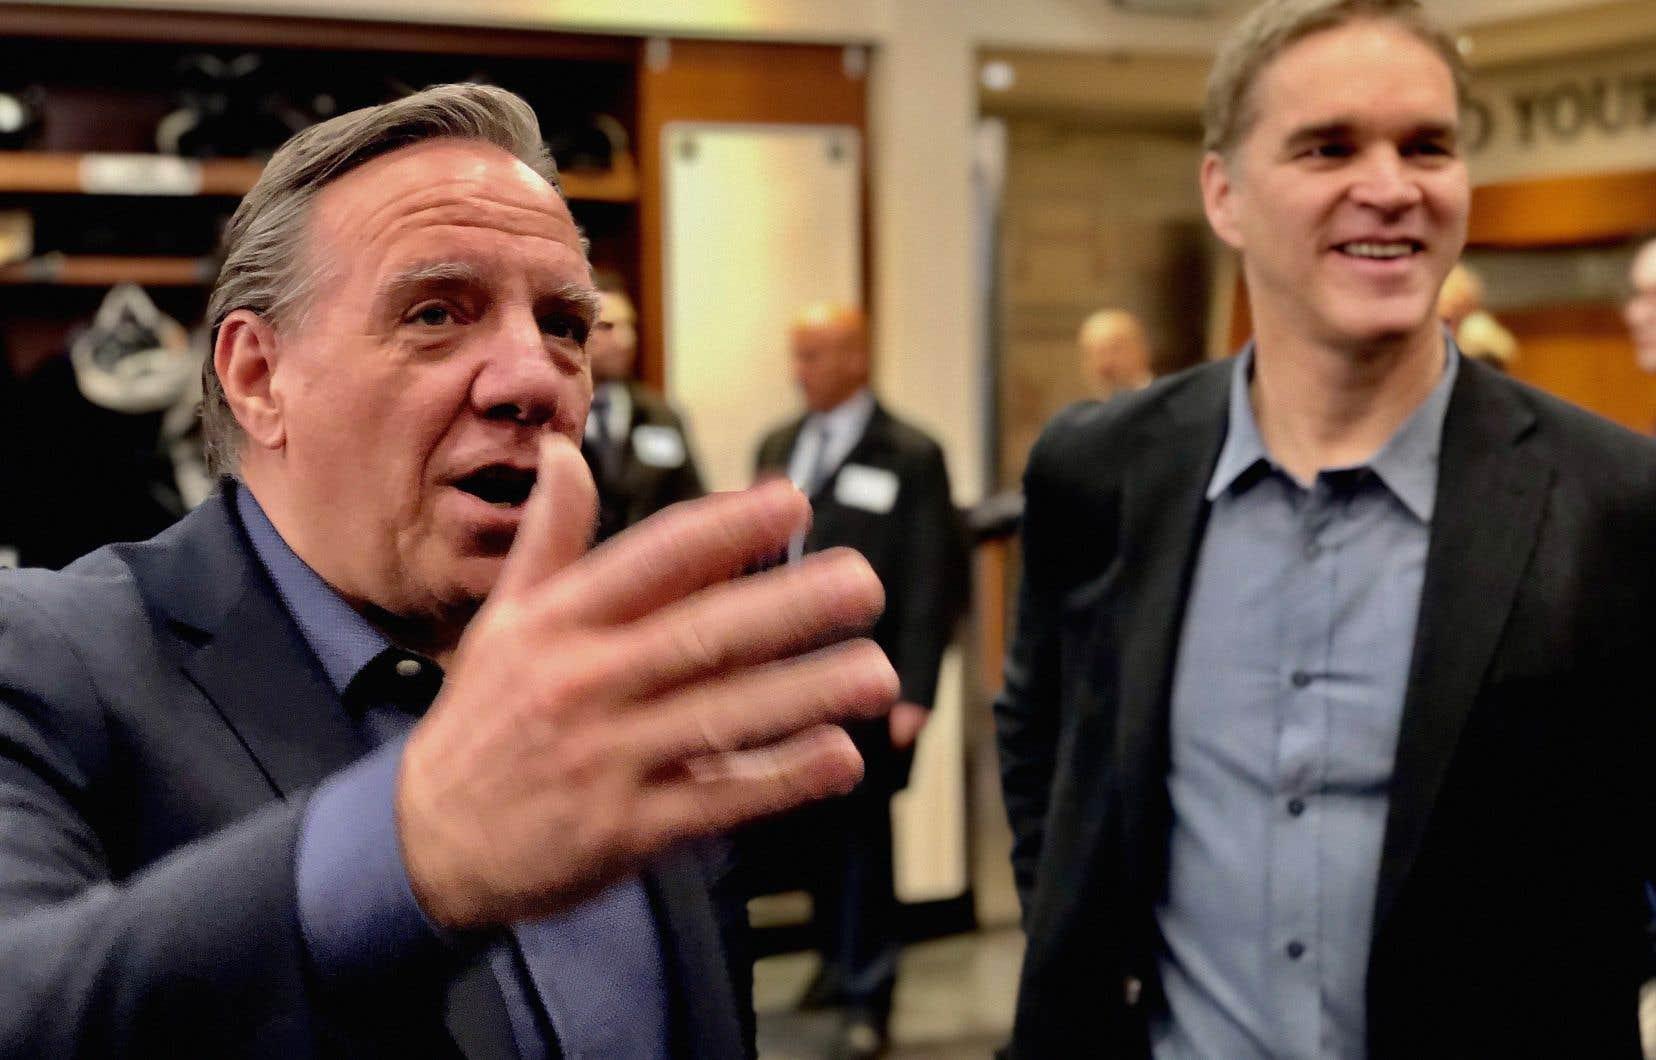 Le premier ministre québécois a amorcé sa mission économique hier en visitant le Staples Center en compagnie du président du club de hockey des Kings, Luc Robitaille.